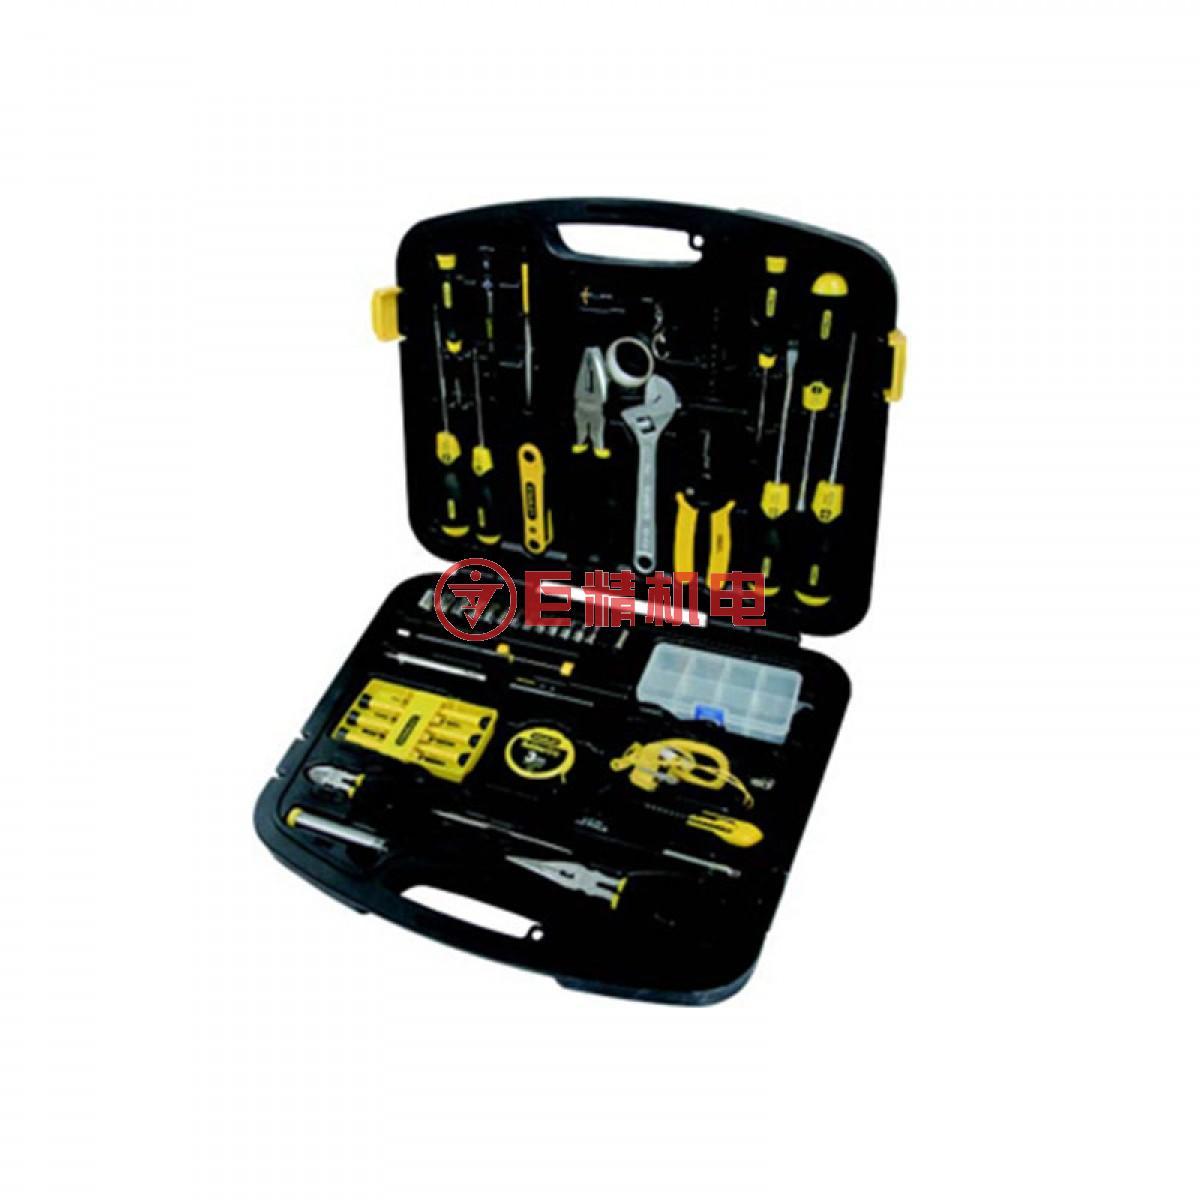 史丹利 57件电讯维修工具组套 89-882-23